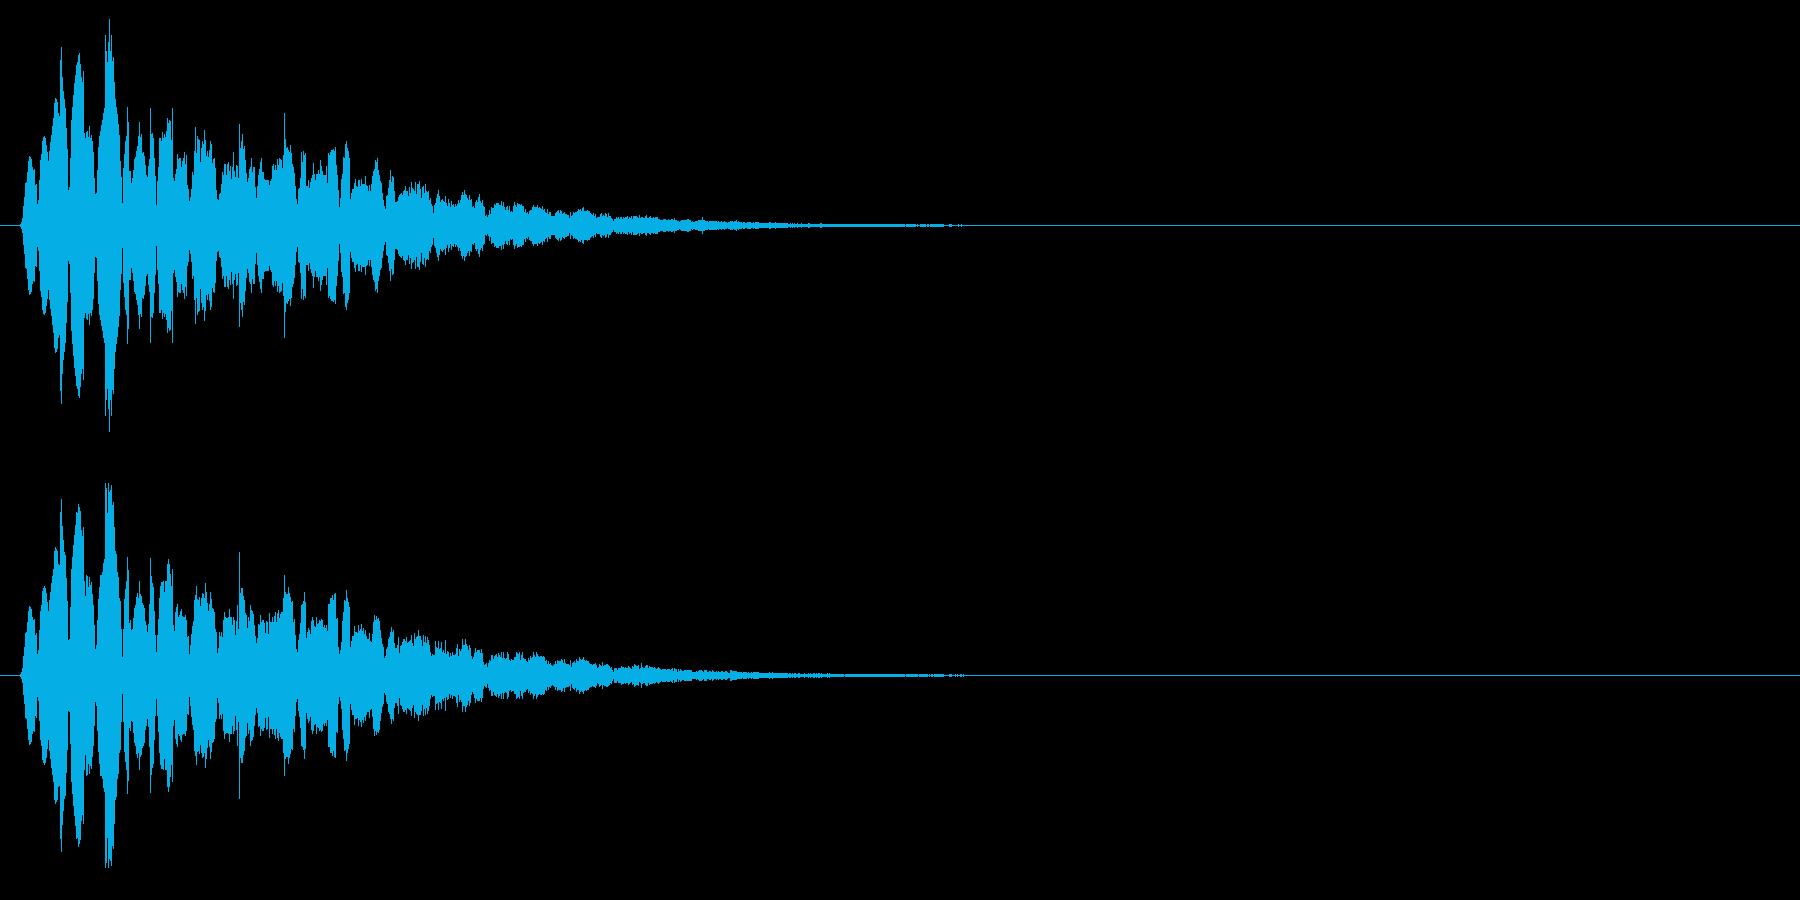 キラキラキラッ↓(流れ星、流星)の再生済みの波形